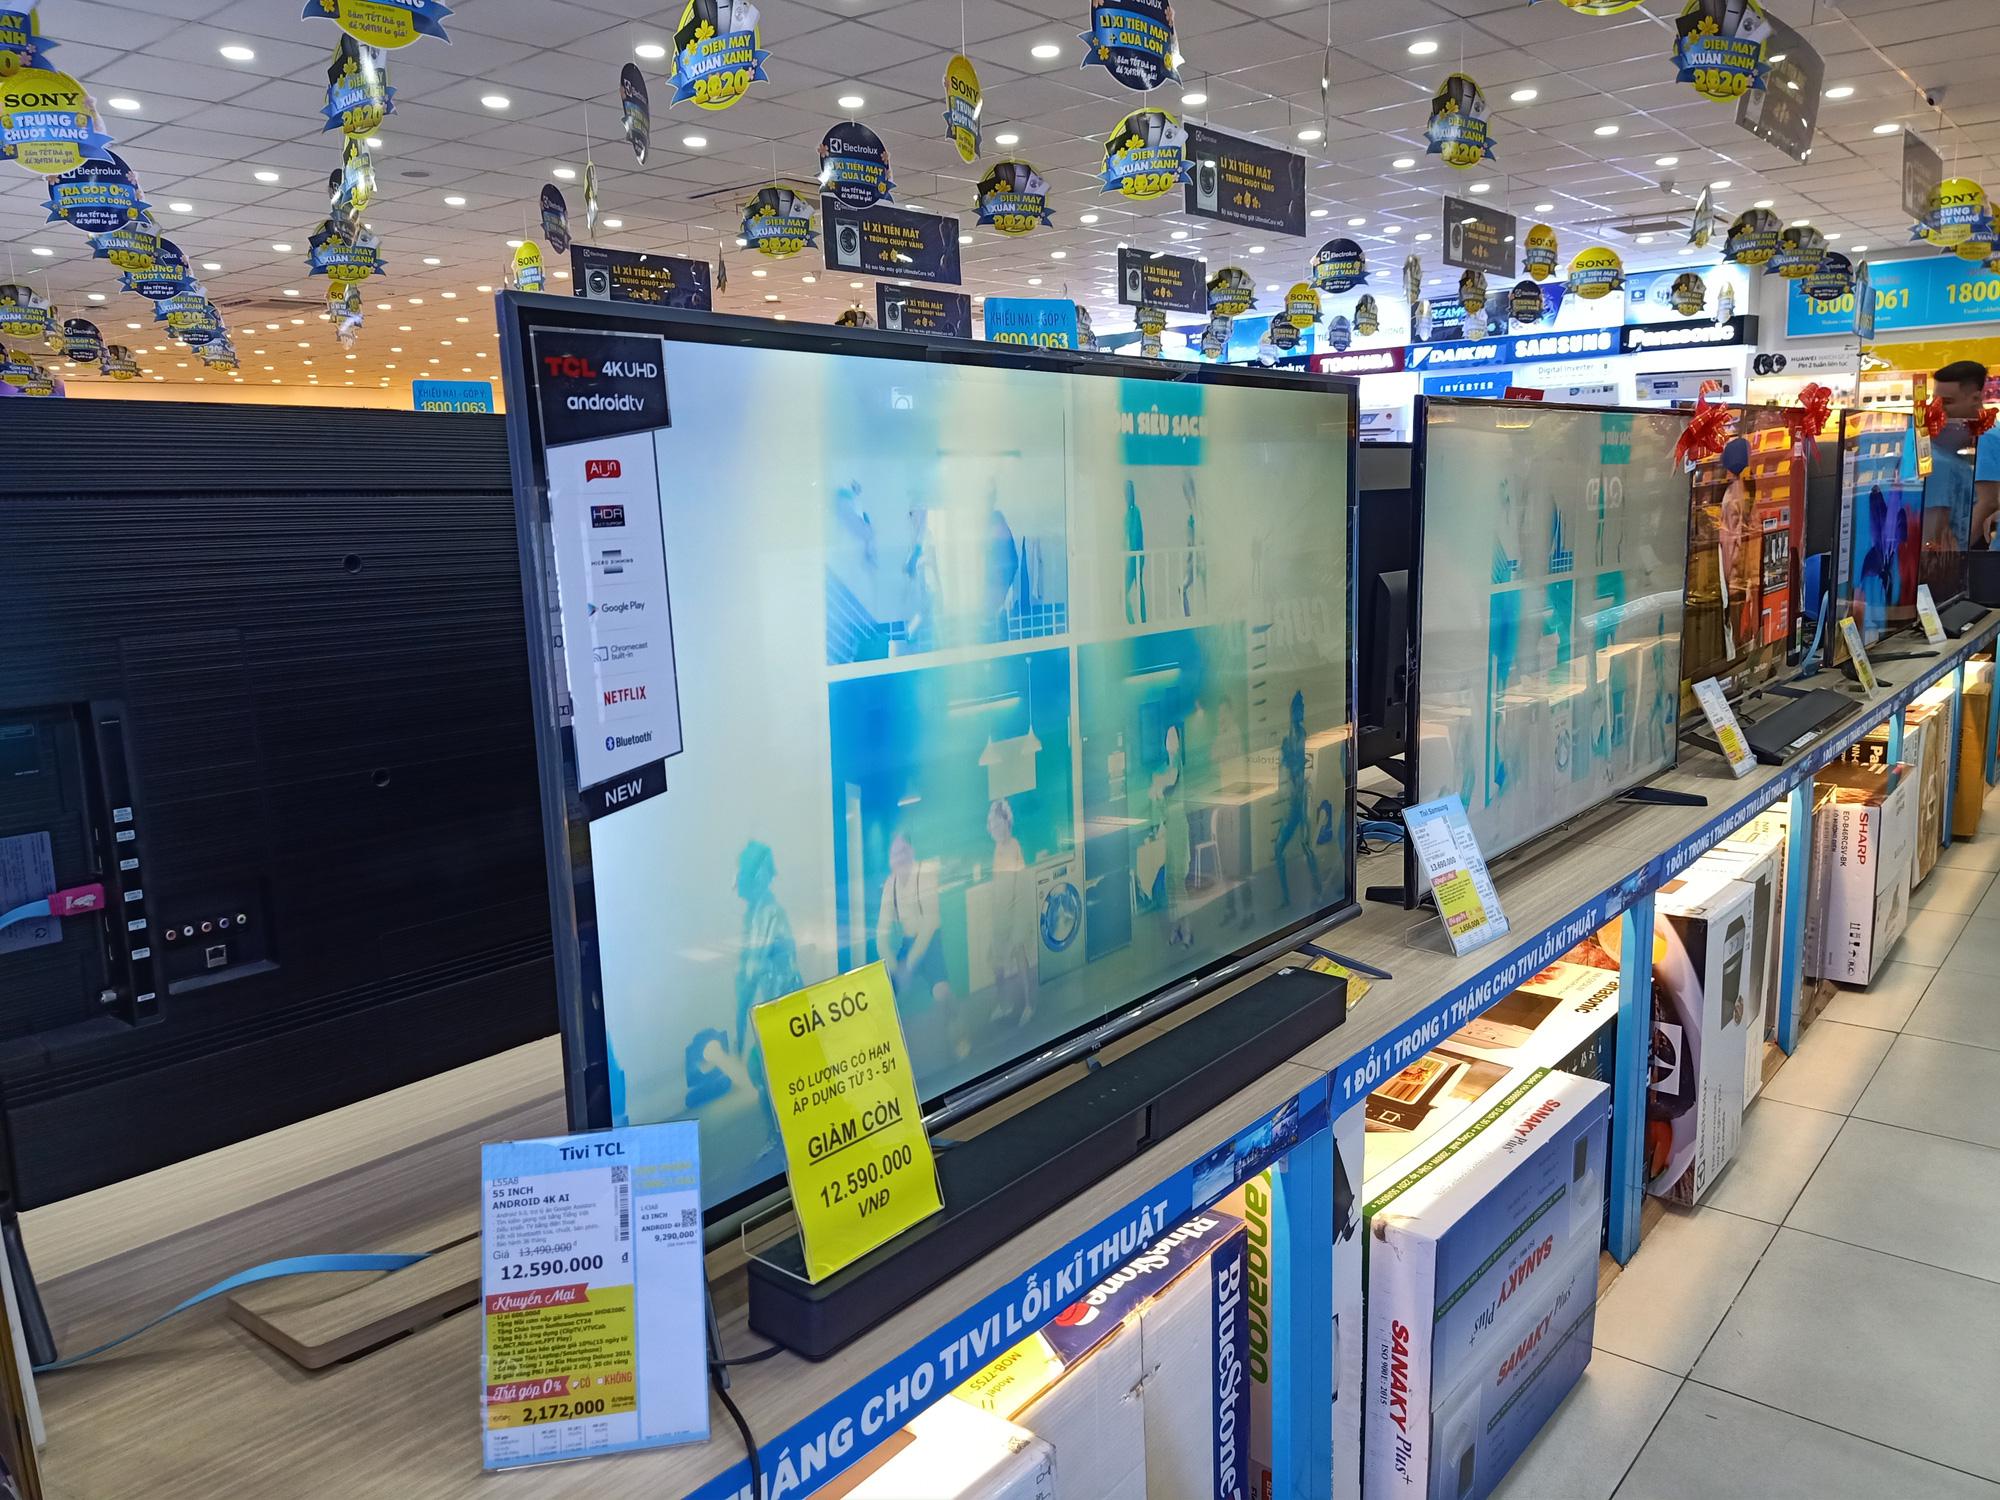 Nhiều dòng tivi giảm giá kích cầu mua sắm trong mùa dịch virus Covid-19 - Ảnh 3.